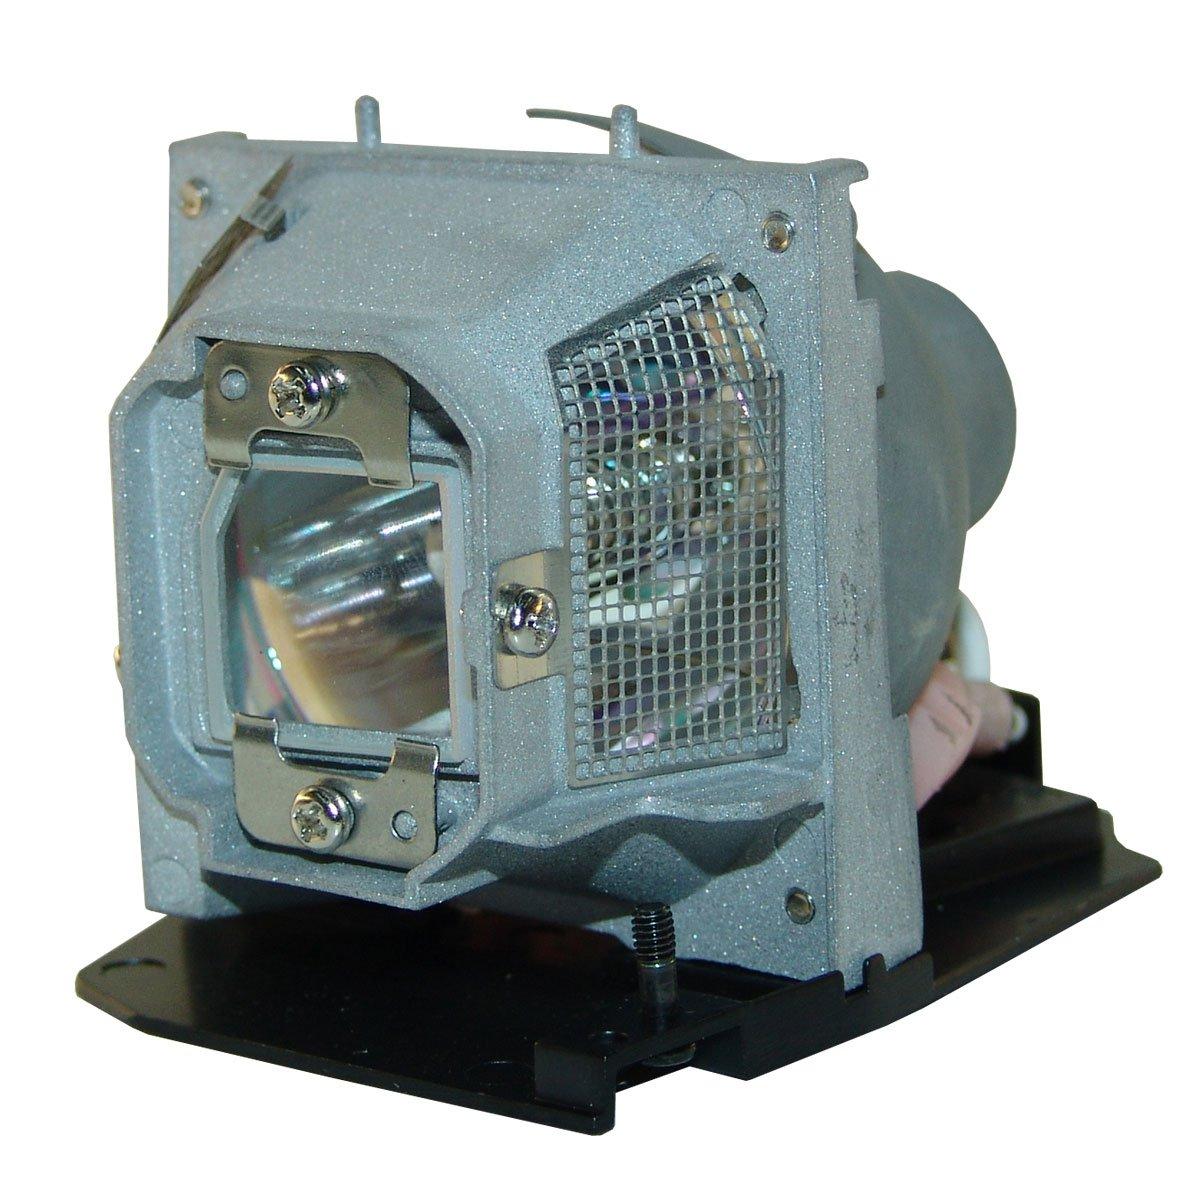 AuraBeam プロフェッショナル 交換用プロジェクターランプ Acer EC.J1901001用 ハウジング付き (Osramより販売) B014209A8Q